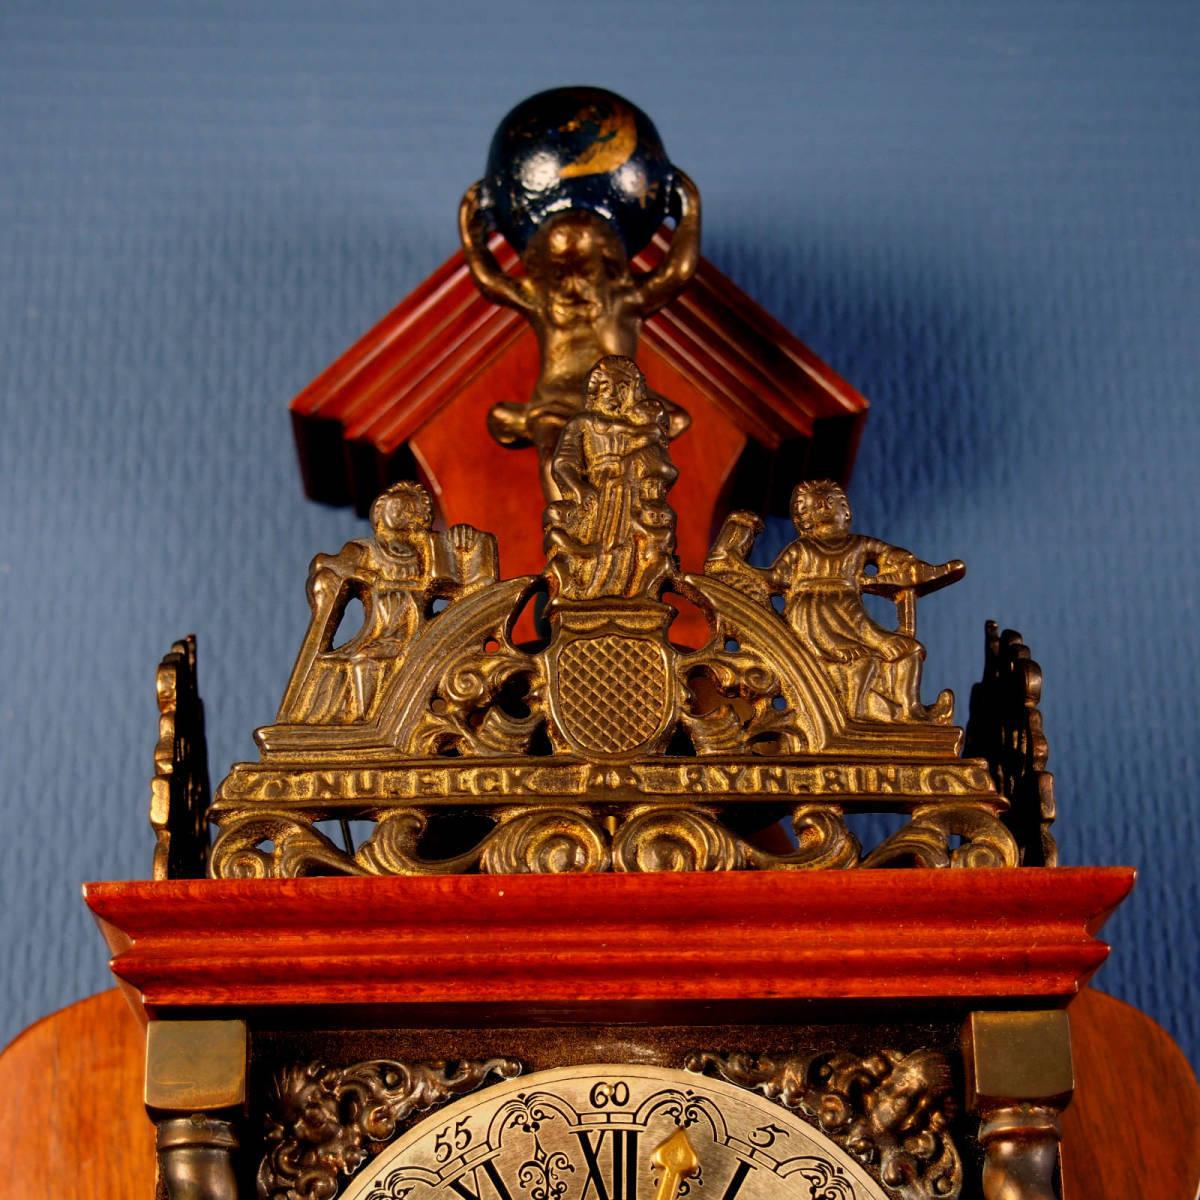 Franz каминные продать часы услуг краснодаре час няни стоимость в в